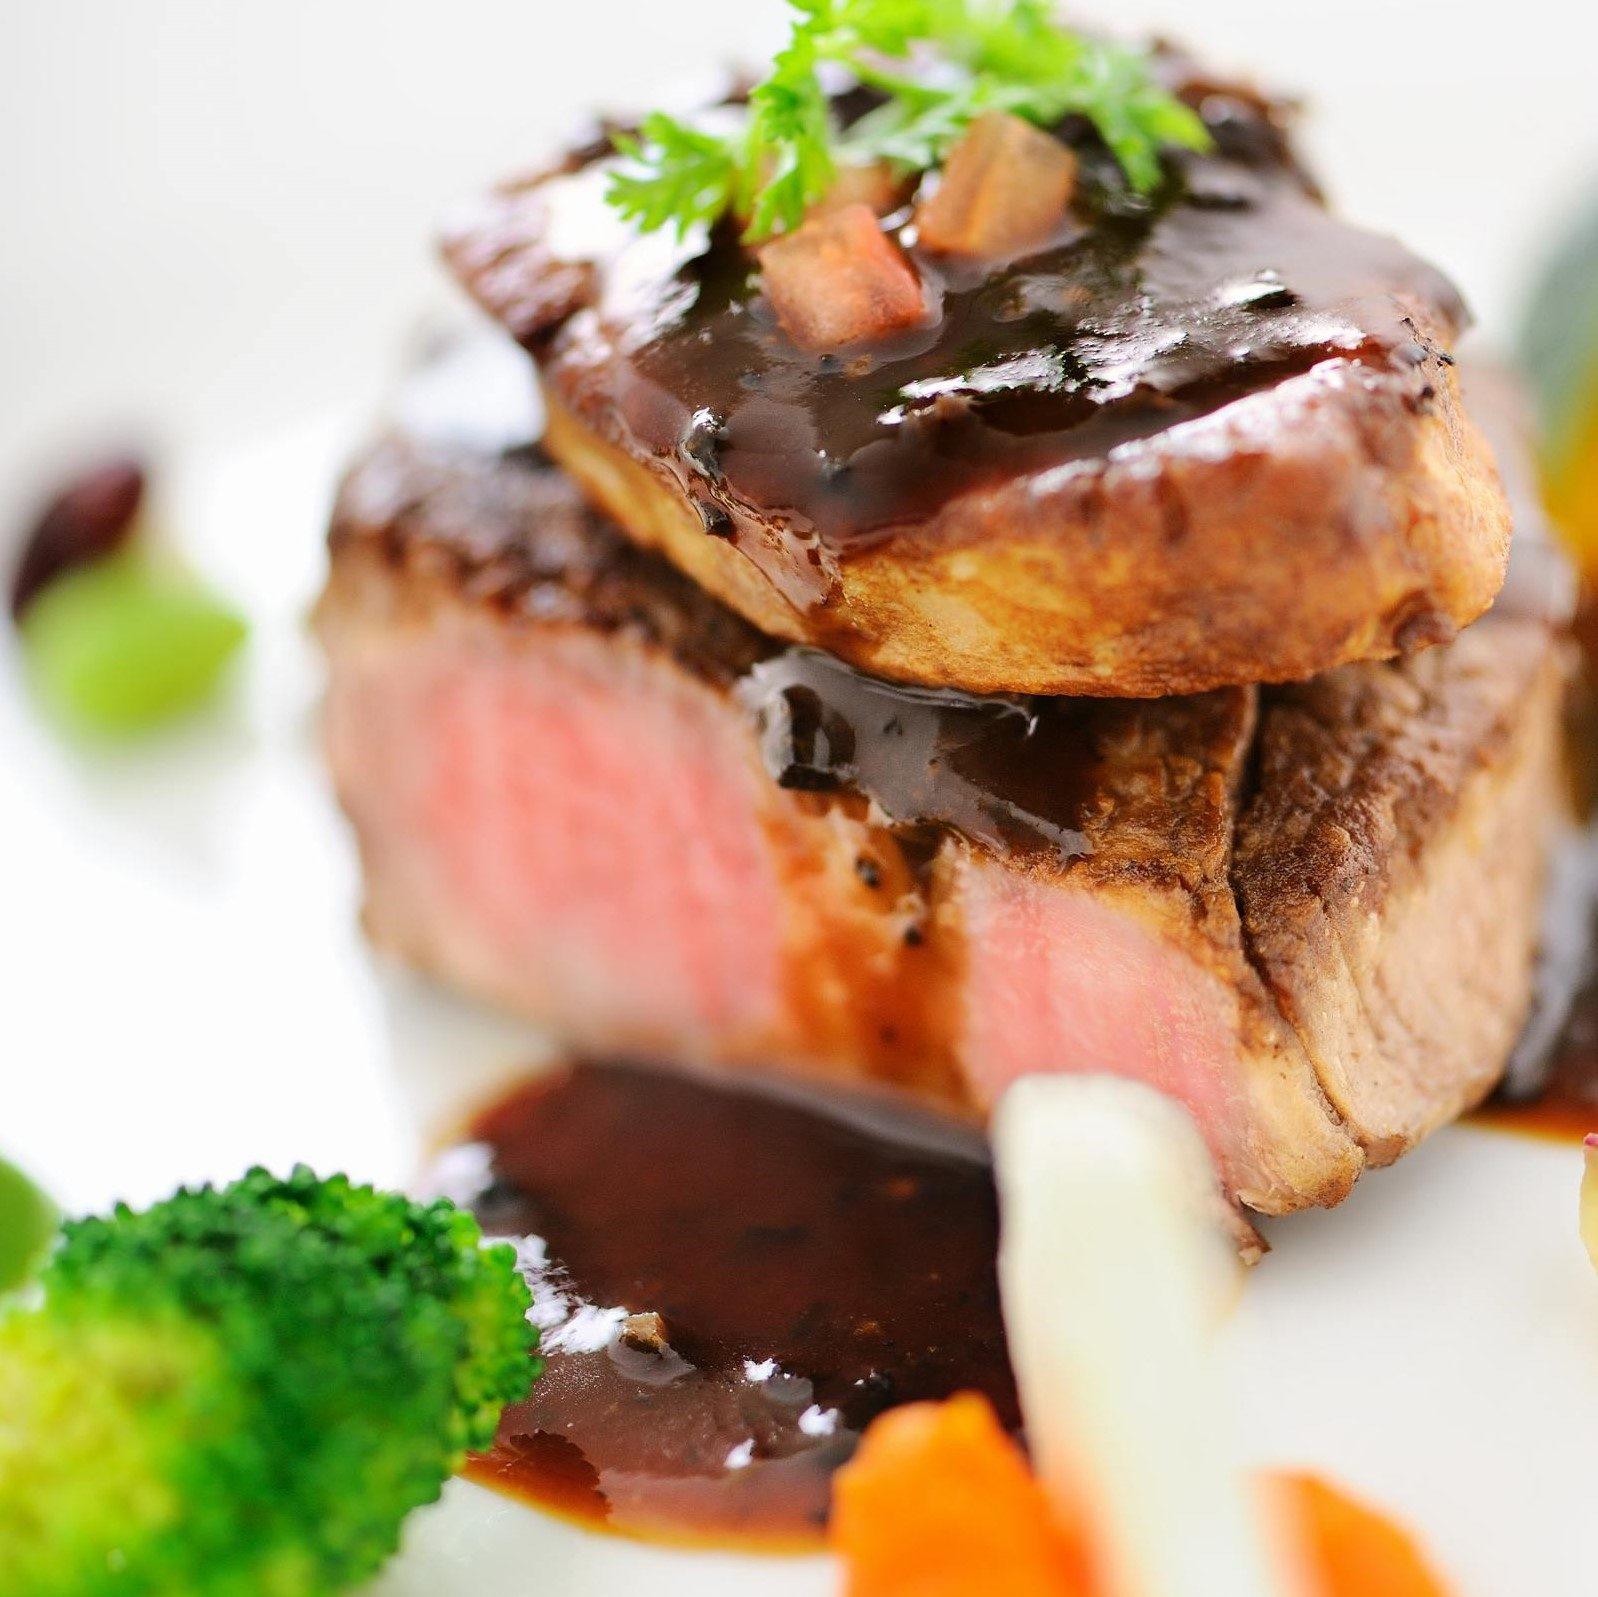 高松市の結婚式場アイルバレクラブの肉料理